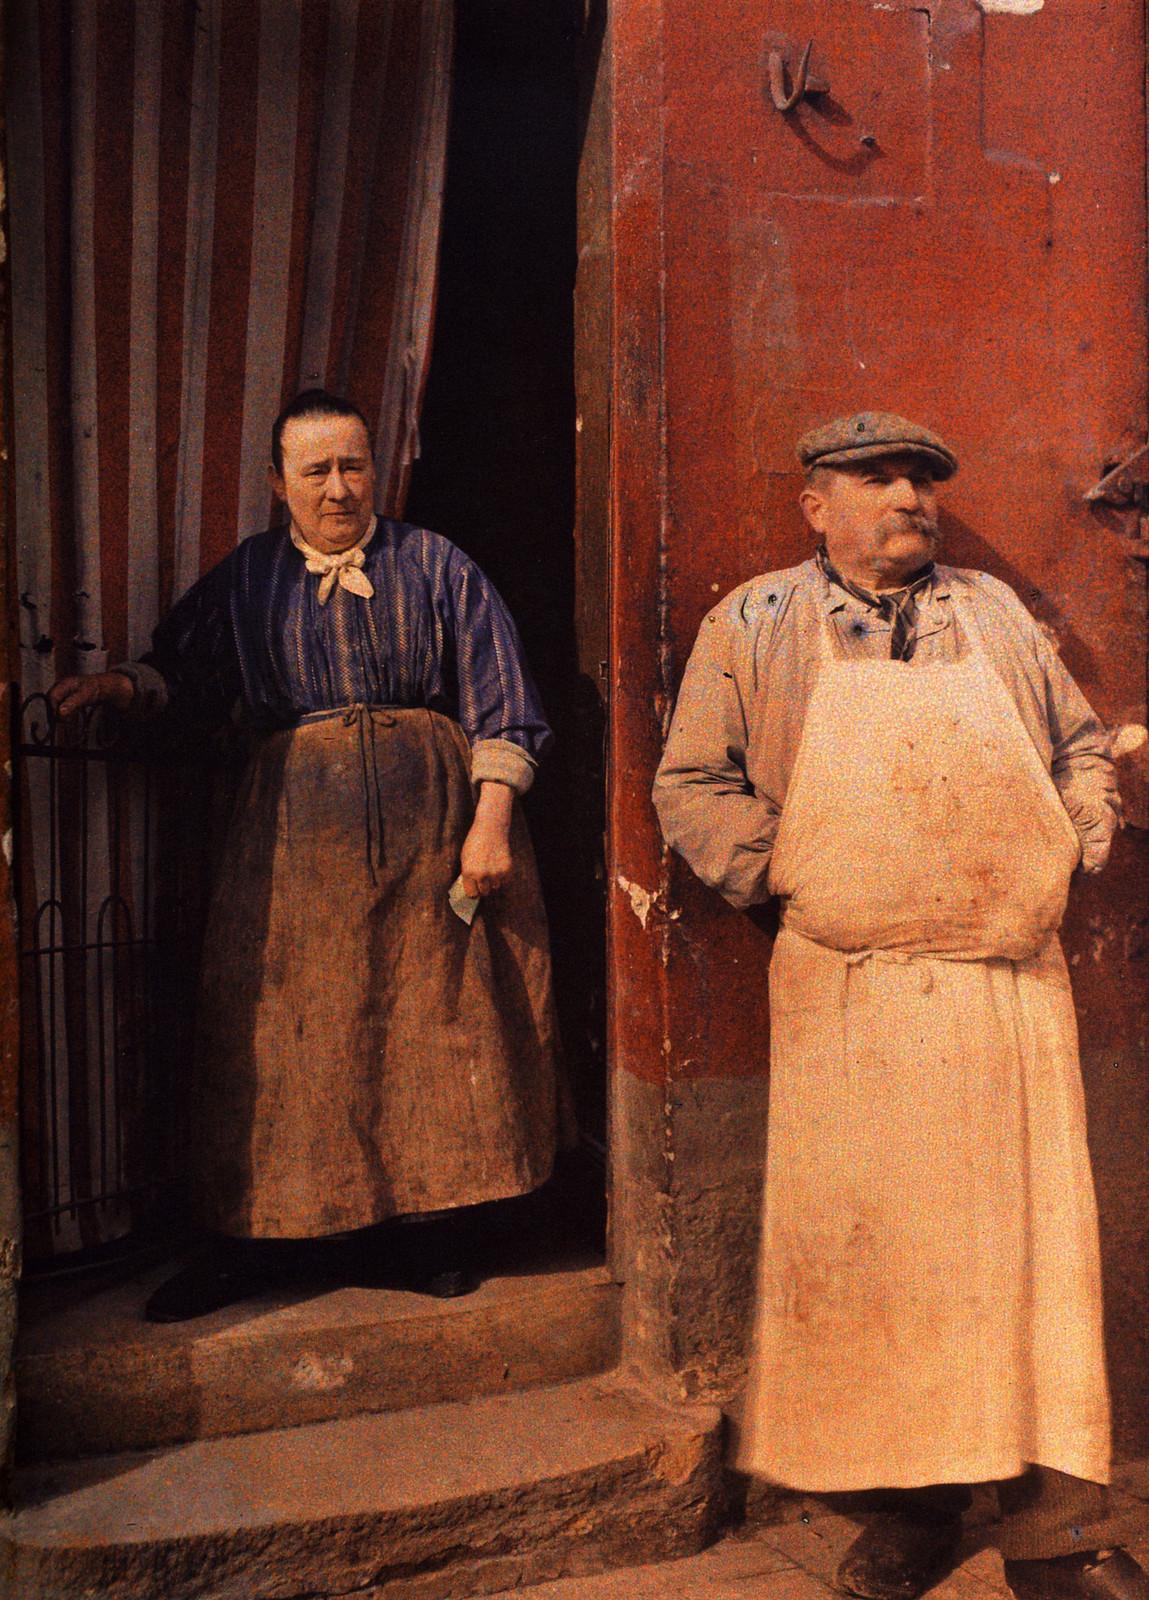 1917. Месье и мадам Minouflet перед их мясной лавкой в Реймсе